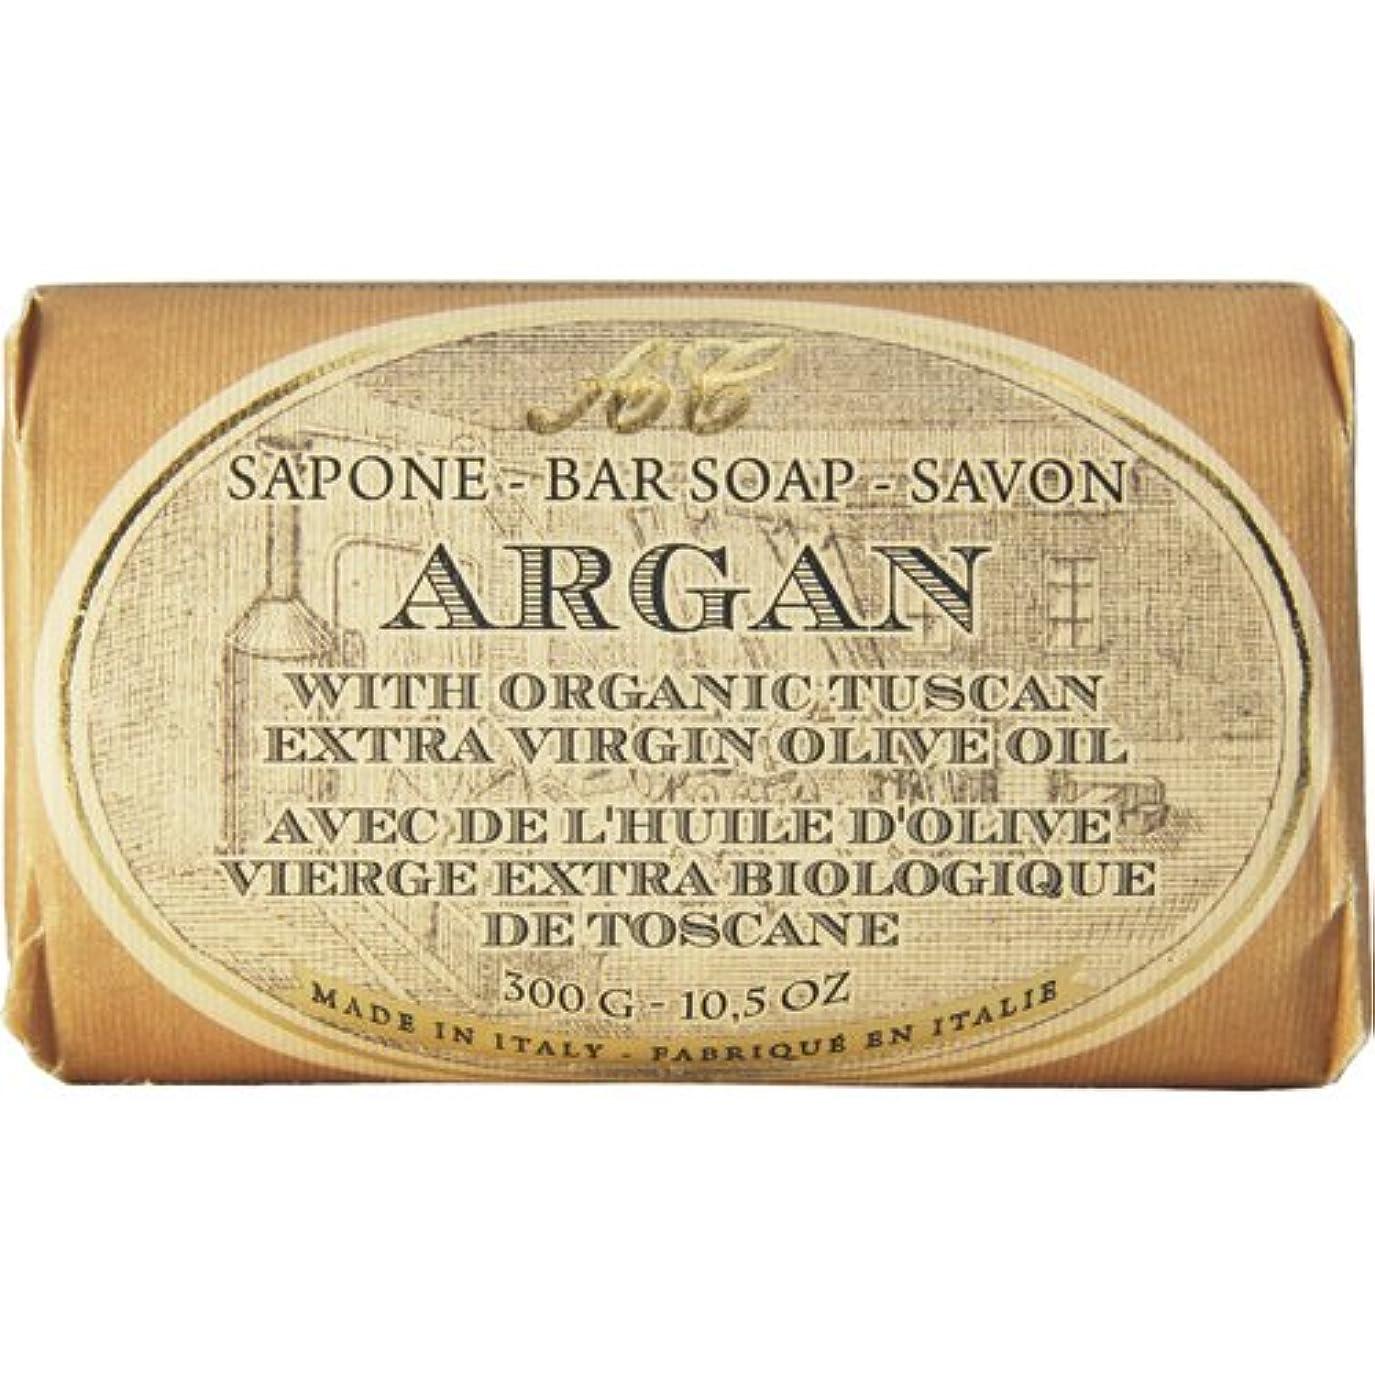 せっかちふつう慎重にSaponerire Fissi レトロシリーズ Bar Soap バーソープ 300g Argan アルガンオイル